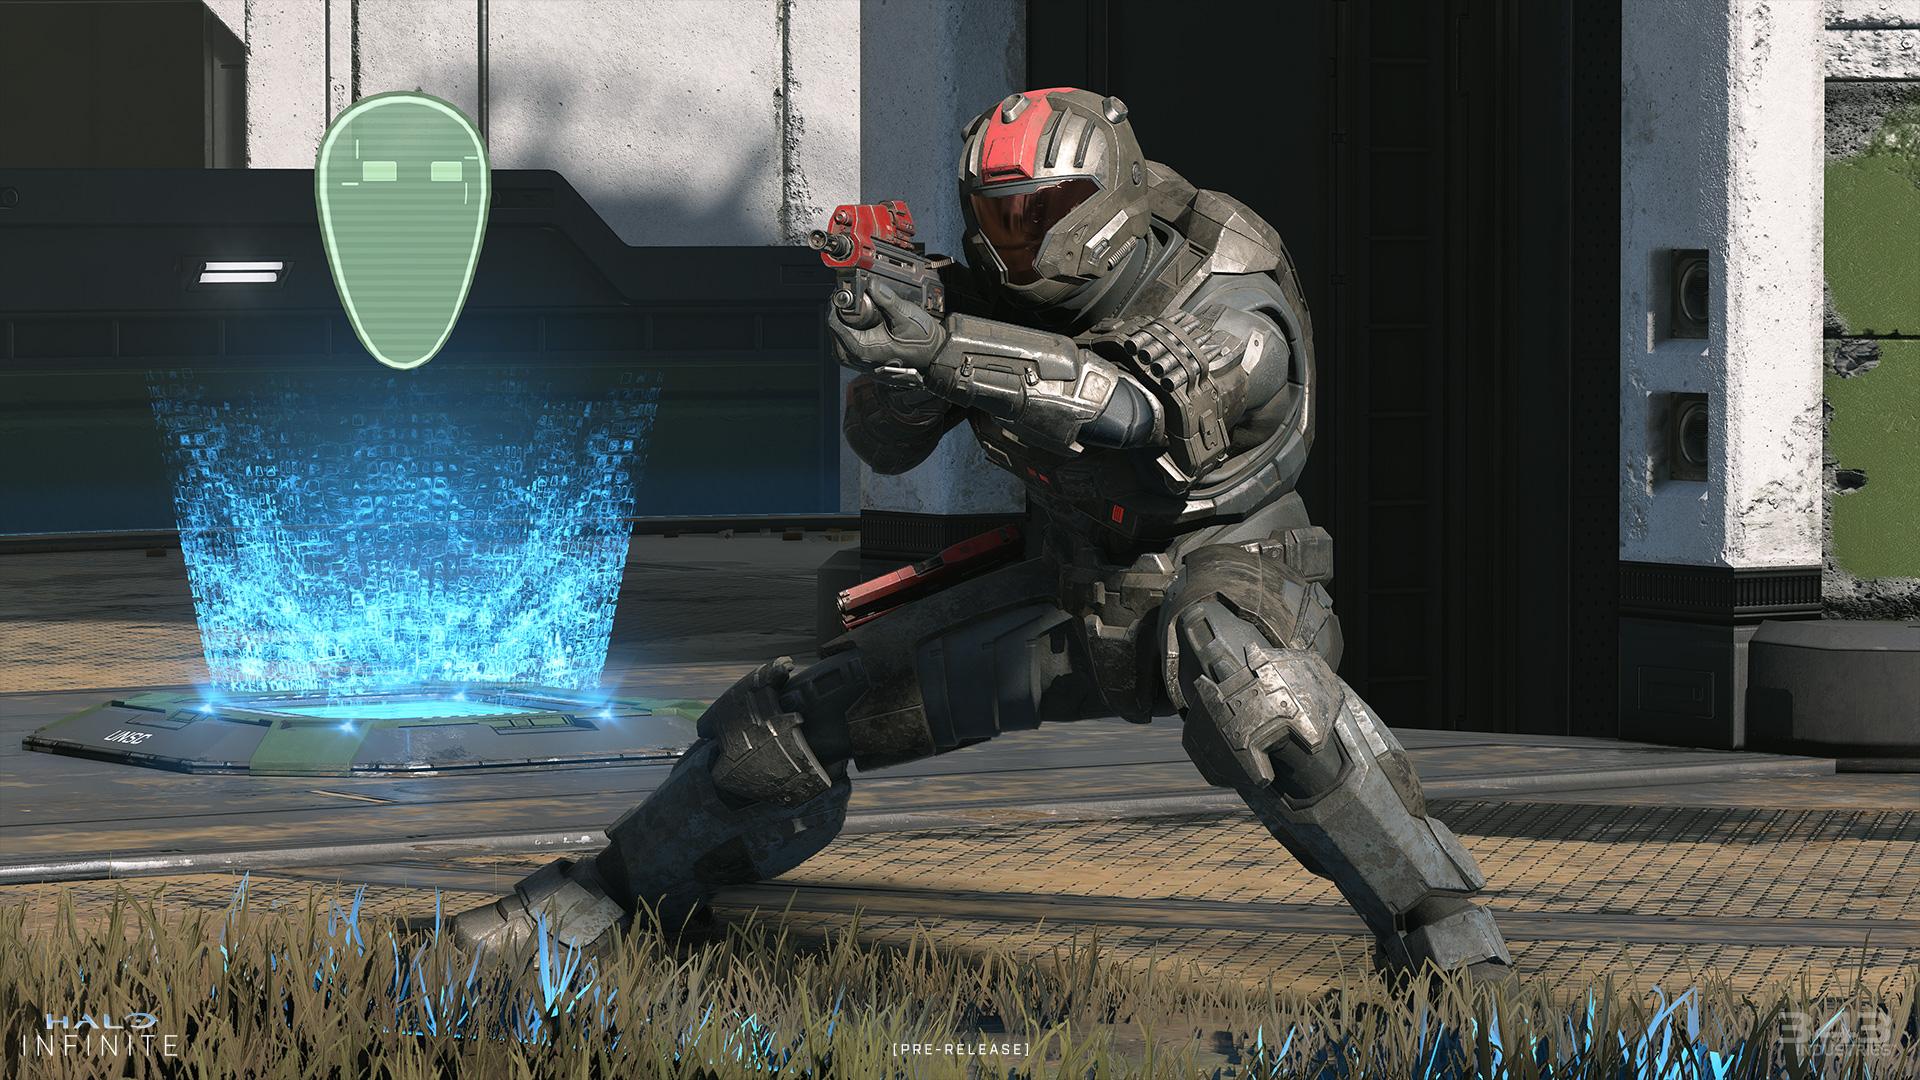 Утечка: В сети появилось содержимое первого боевого пропуска в Halo Infinite